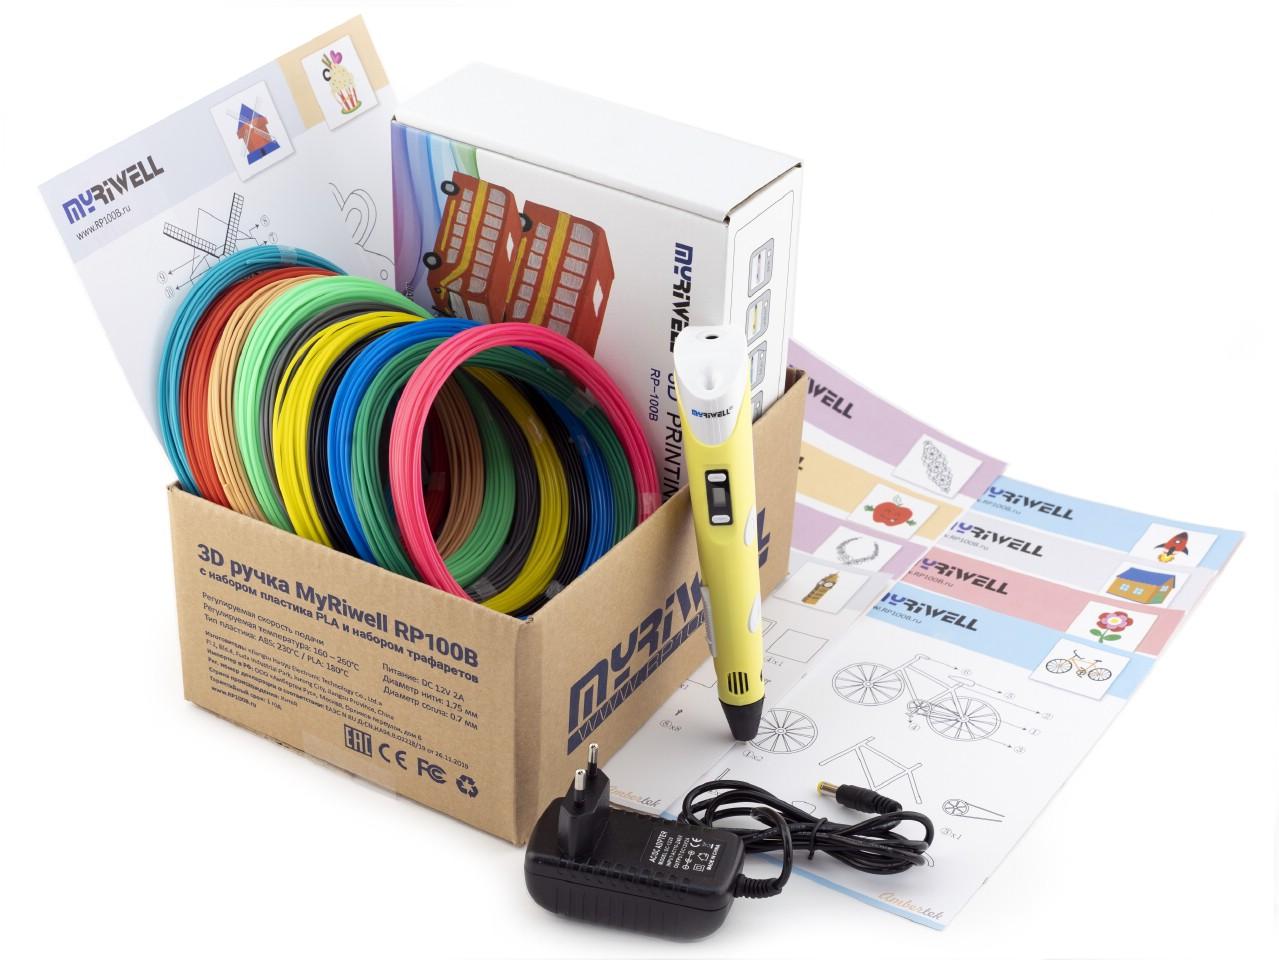 Купить 3D ручка Myriwell RP100B (цвет: желтый) с набором пластика PLA 12 цветов по 10 метров и набором трафаретов для 3D ручек, 3D-ручка Myriwell RP100B желтая с трафаретами для 3D-ручек и пластиком PLA 10х10 м,